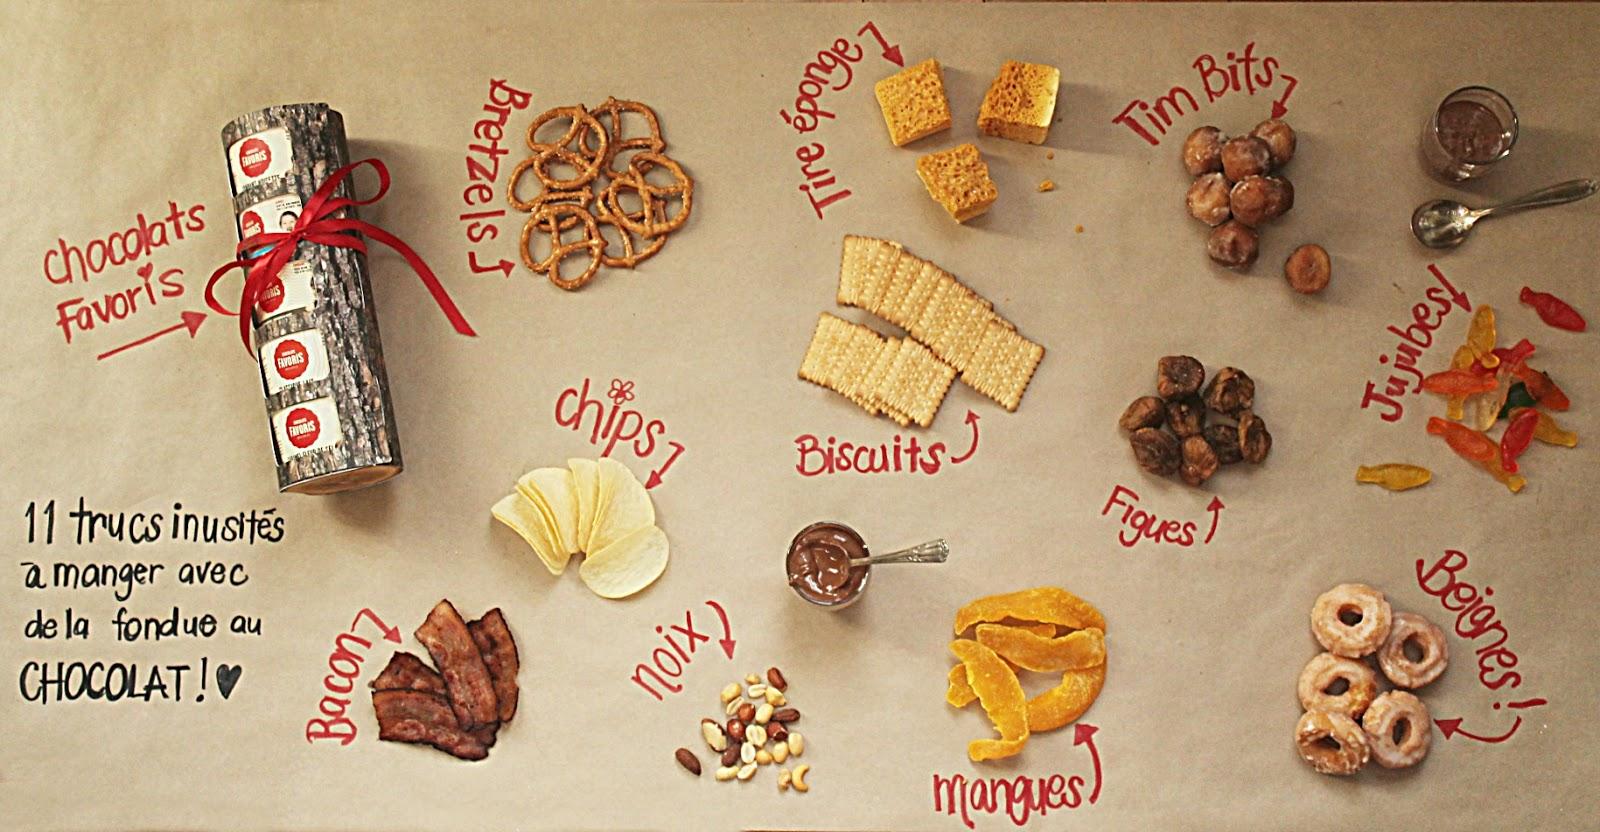 Pour Tremper Dans La Fondue Je Vous Propose 11 Trucs Inusités Auxquels N Auriez Jamais Pensé Manger Avec Votre Chocolats Favoris